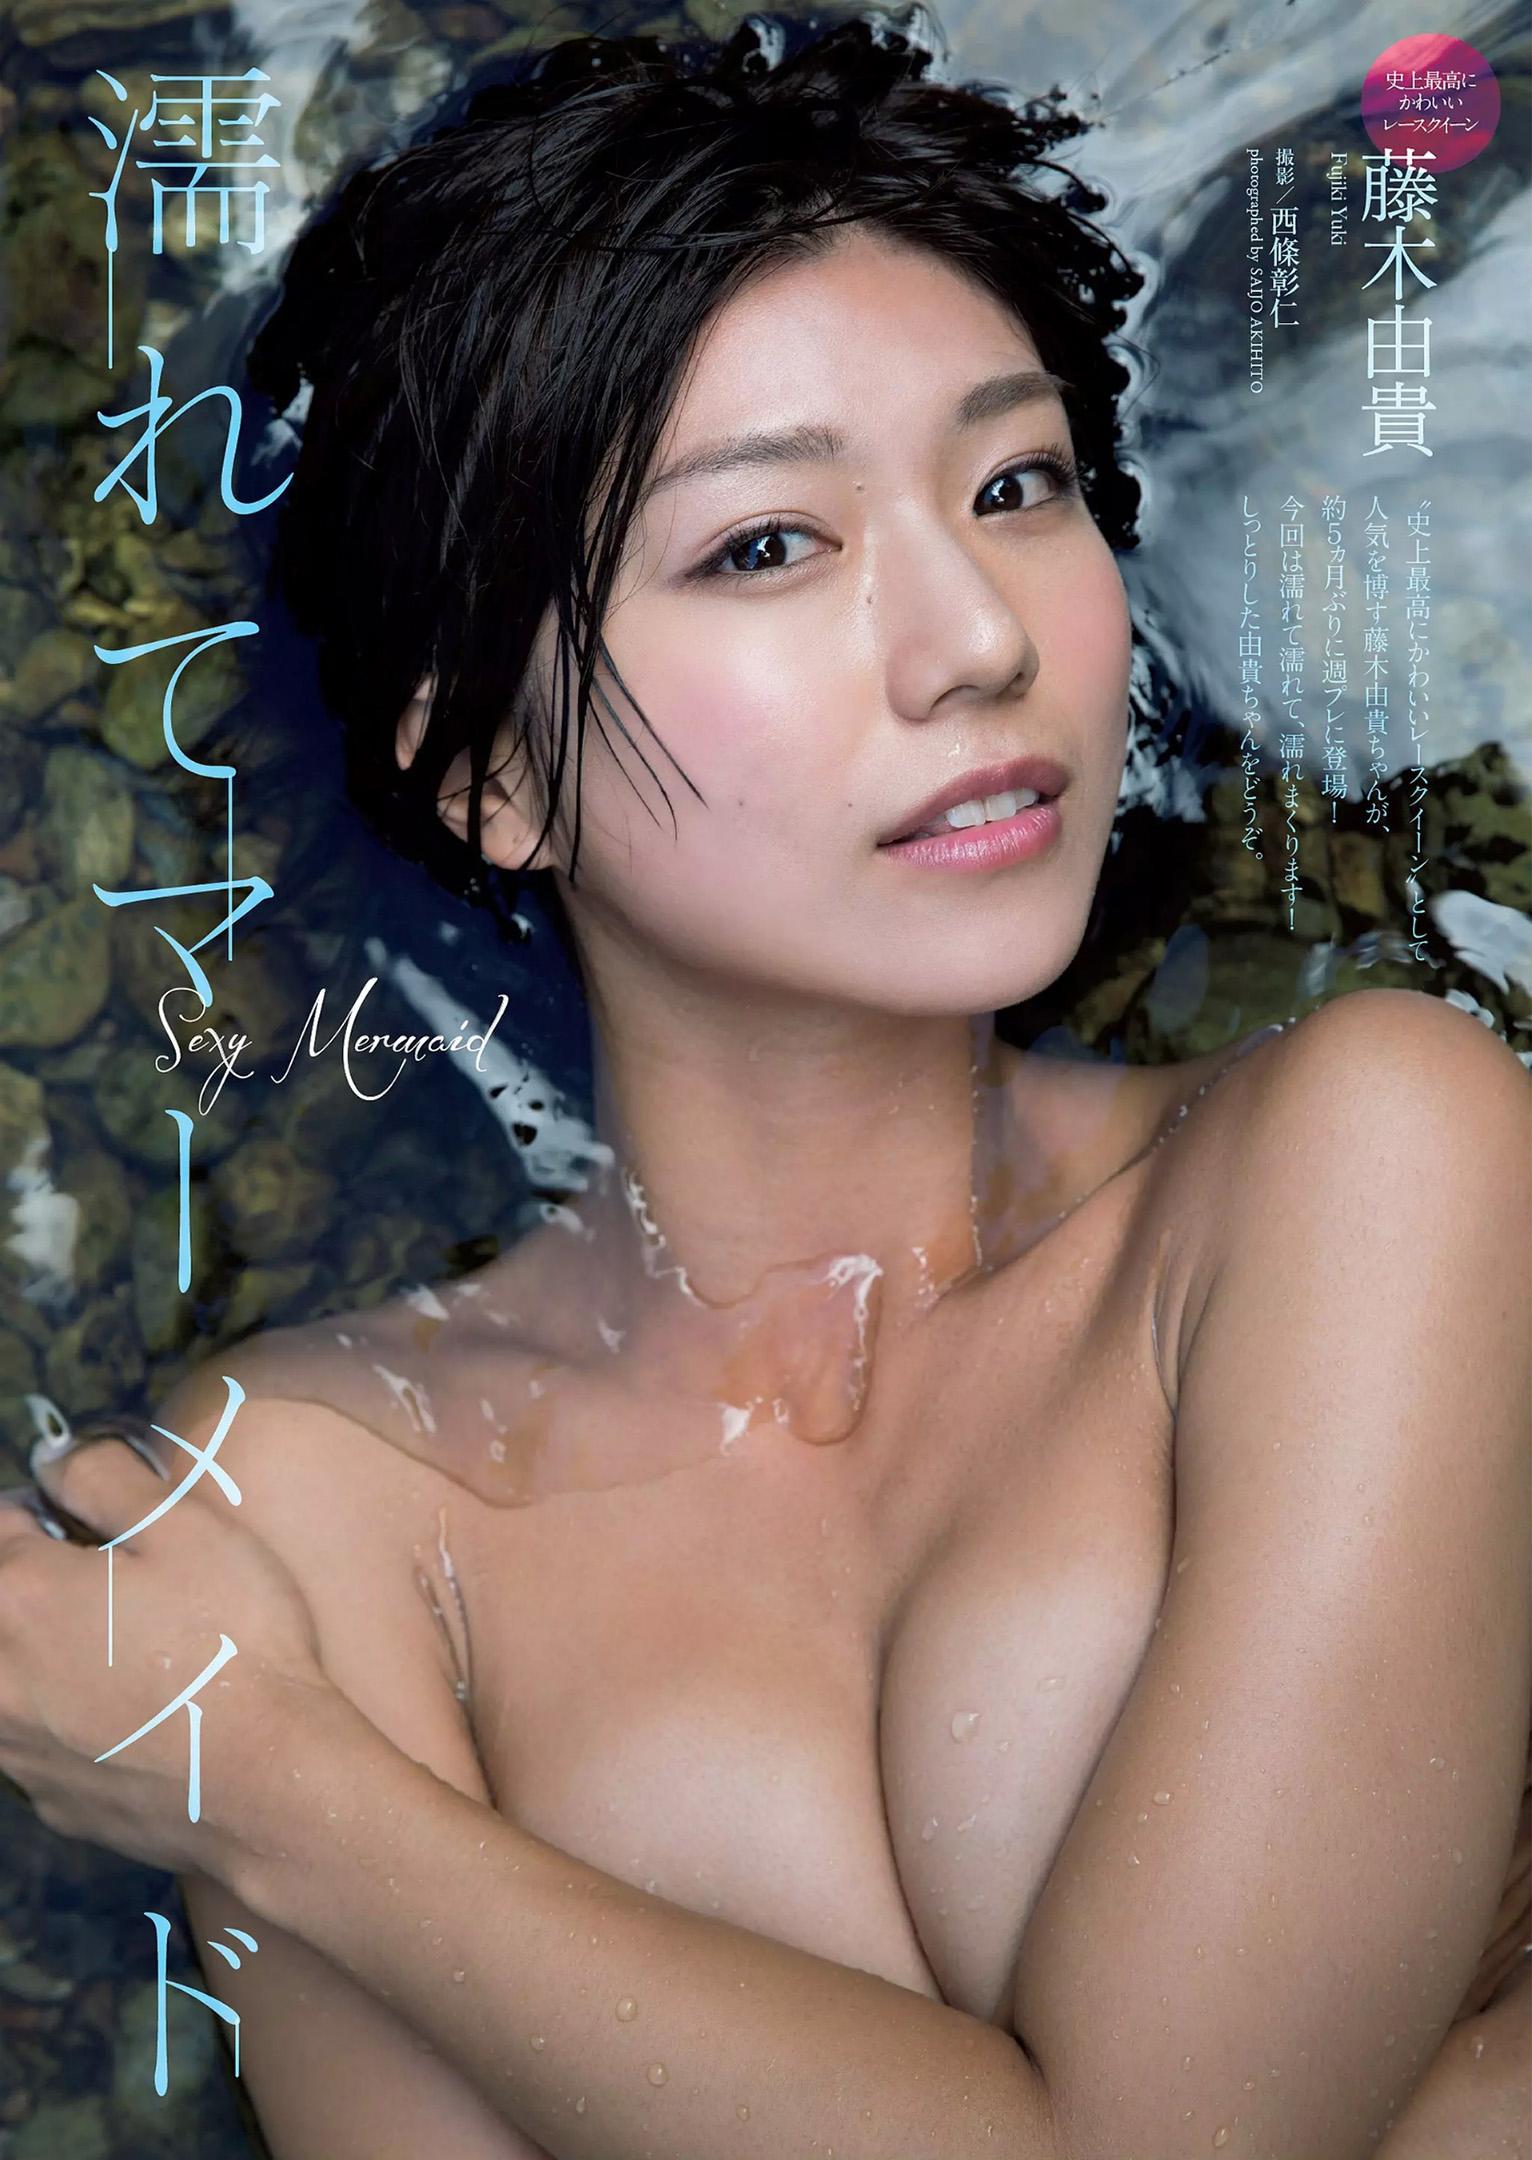 藤木由貴 現役レースクイーンが魅せるグラビアが人気になっているお乳写真